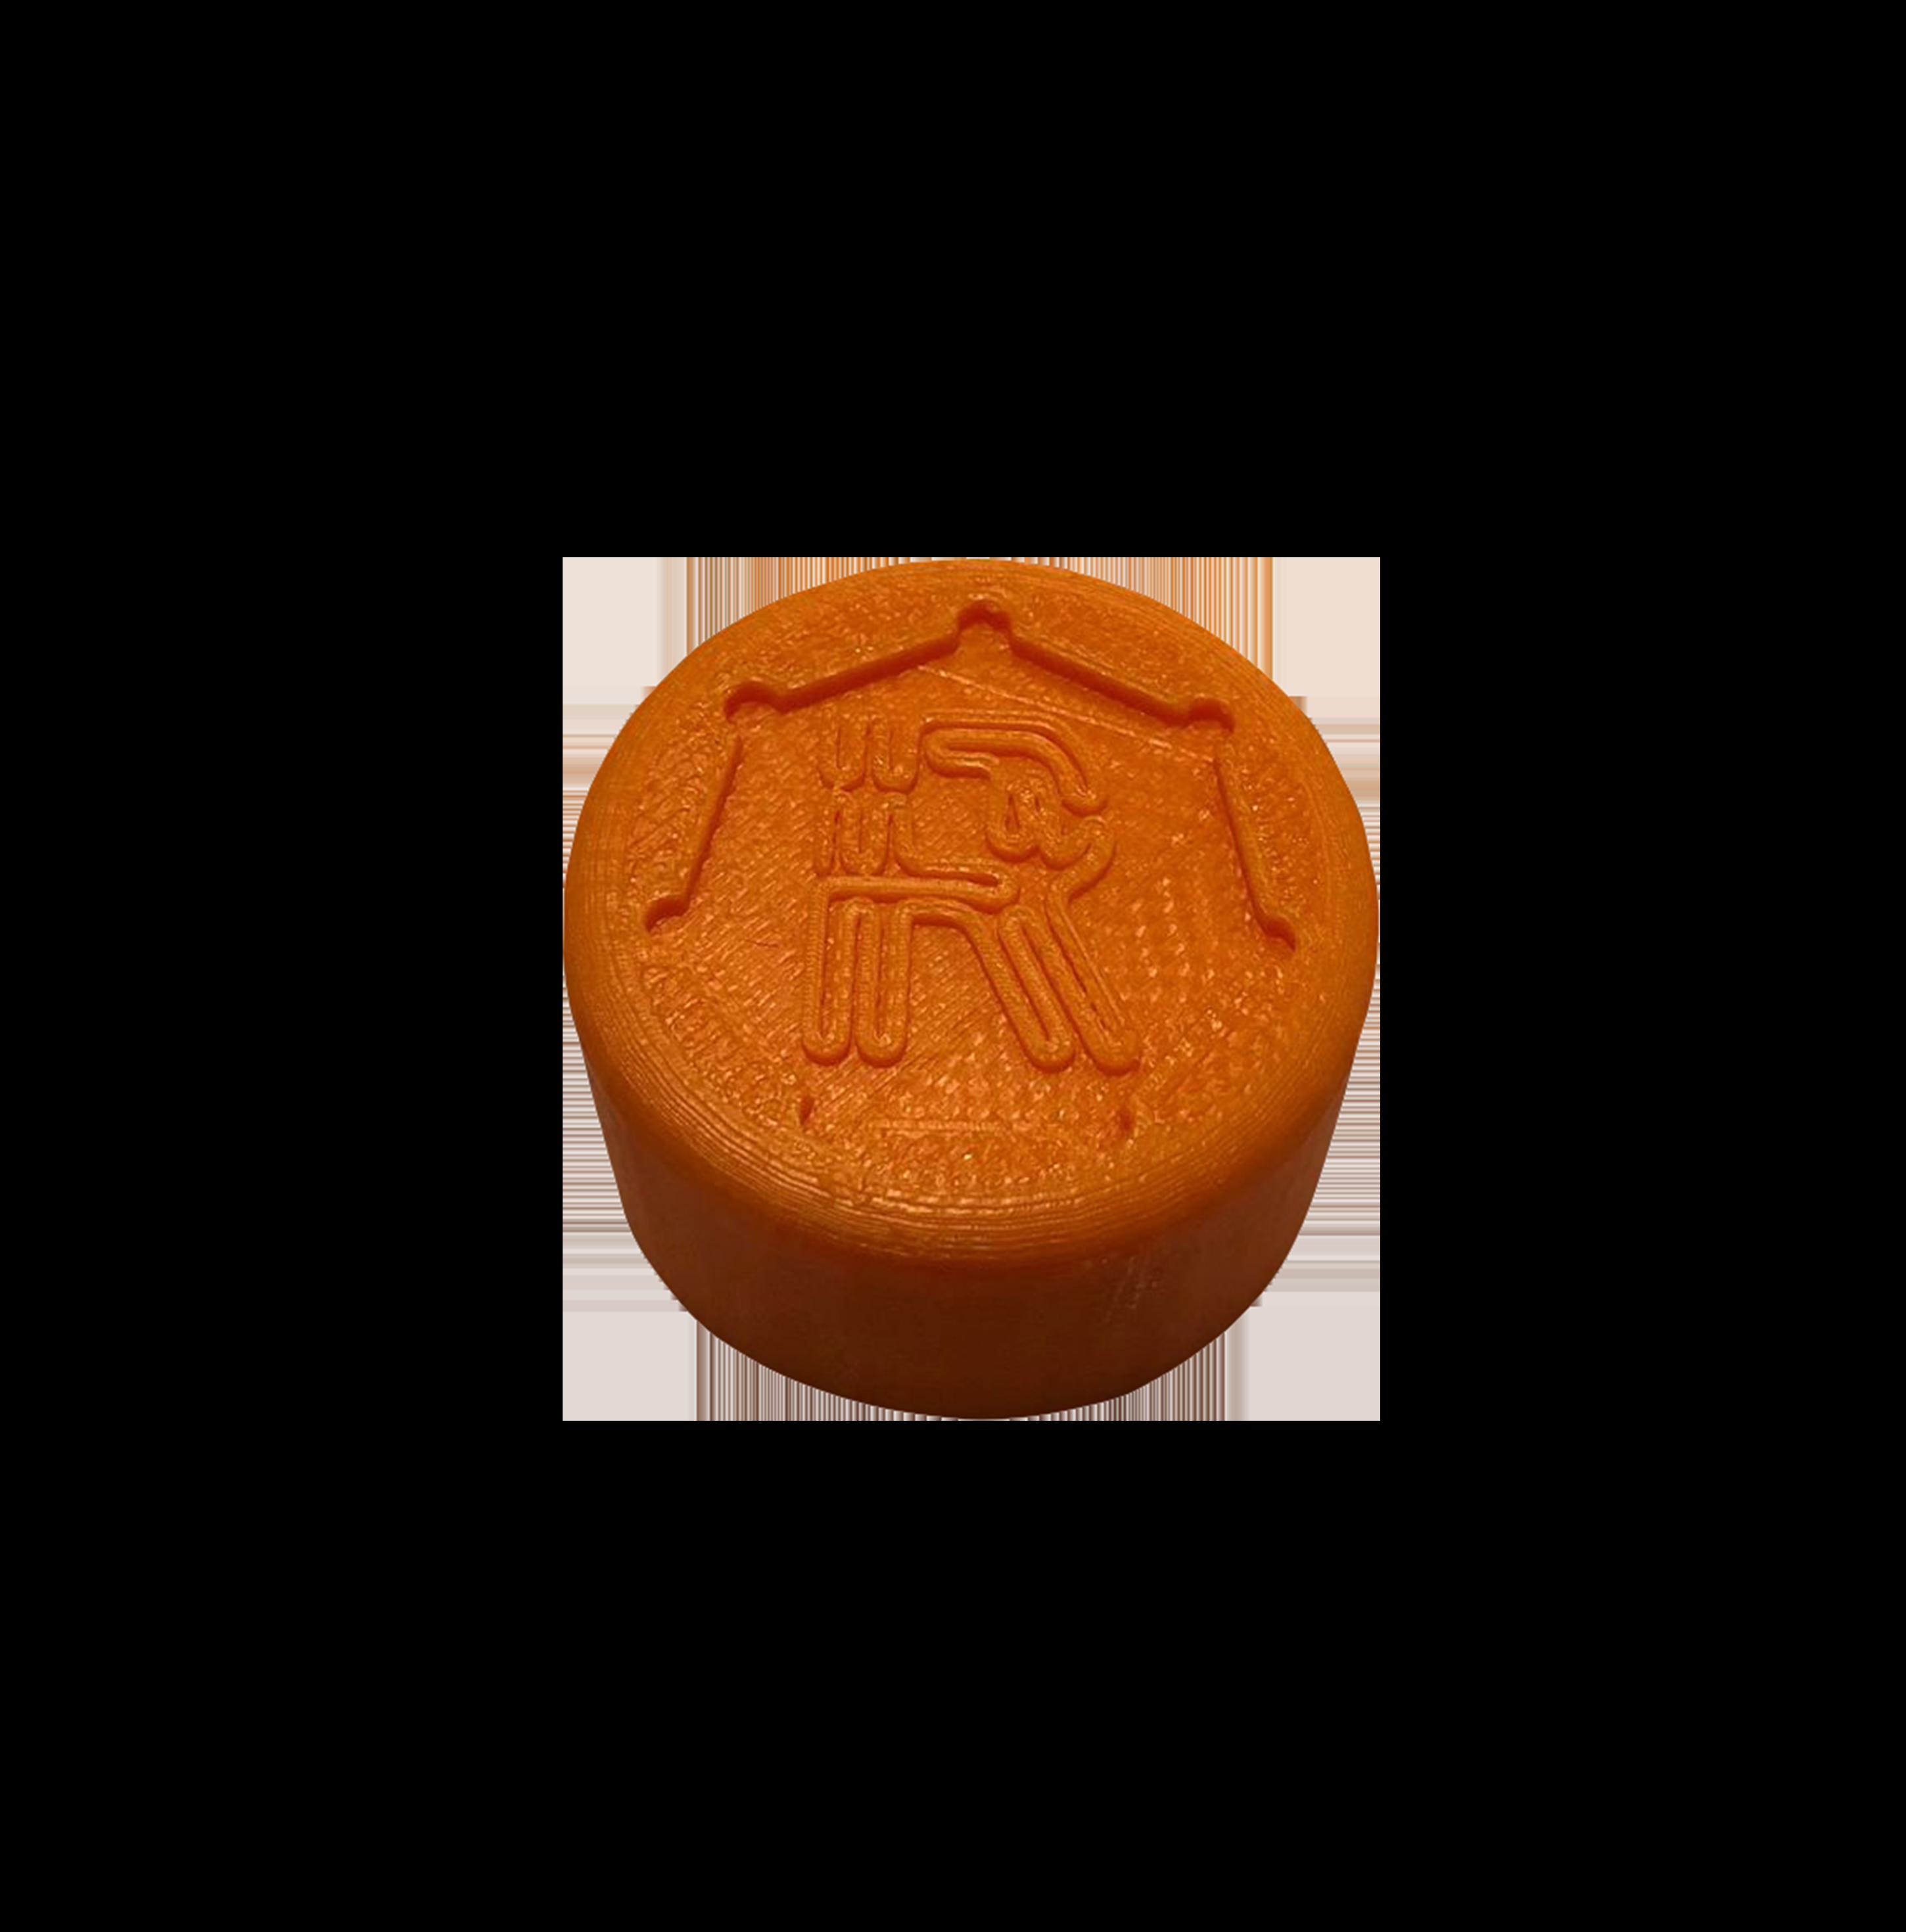 Orange training aid